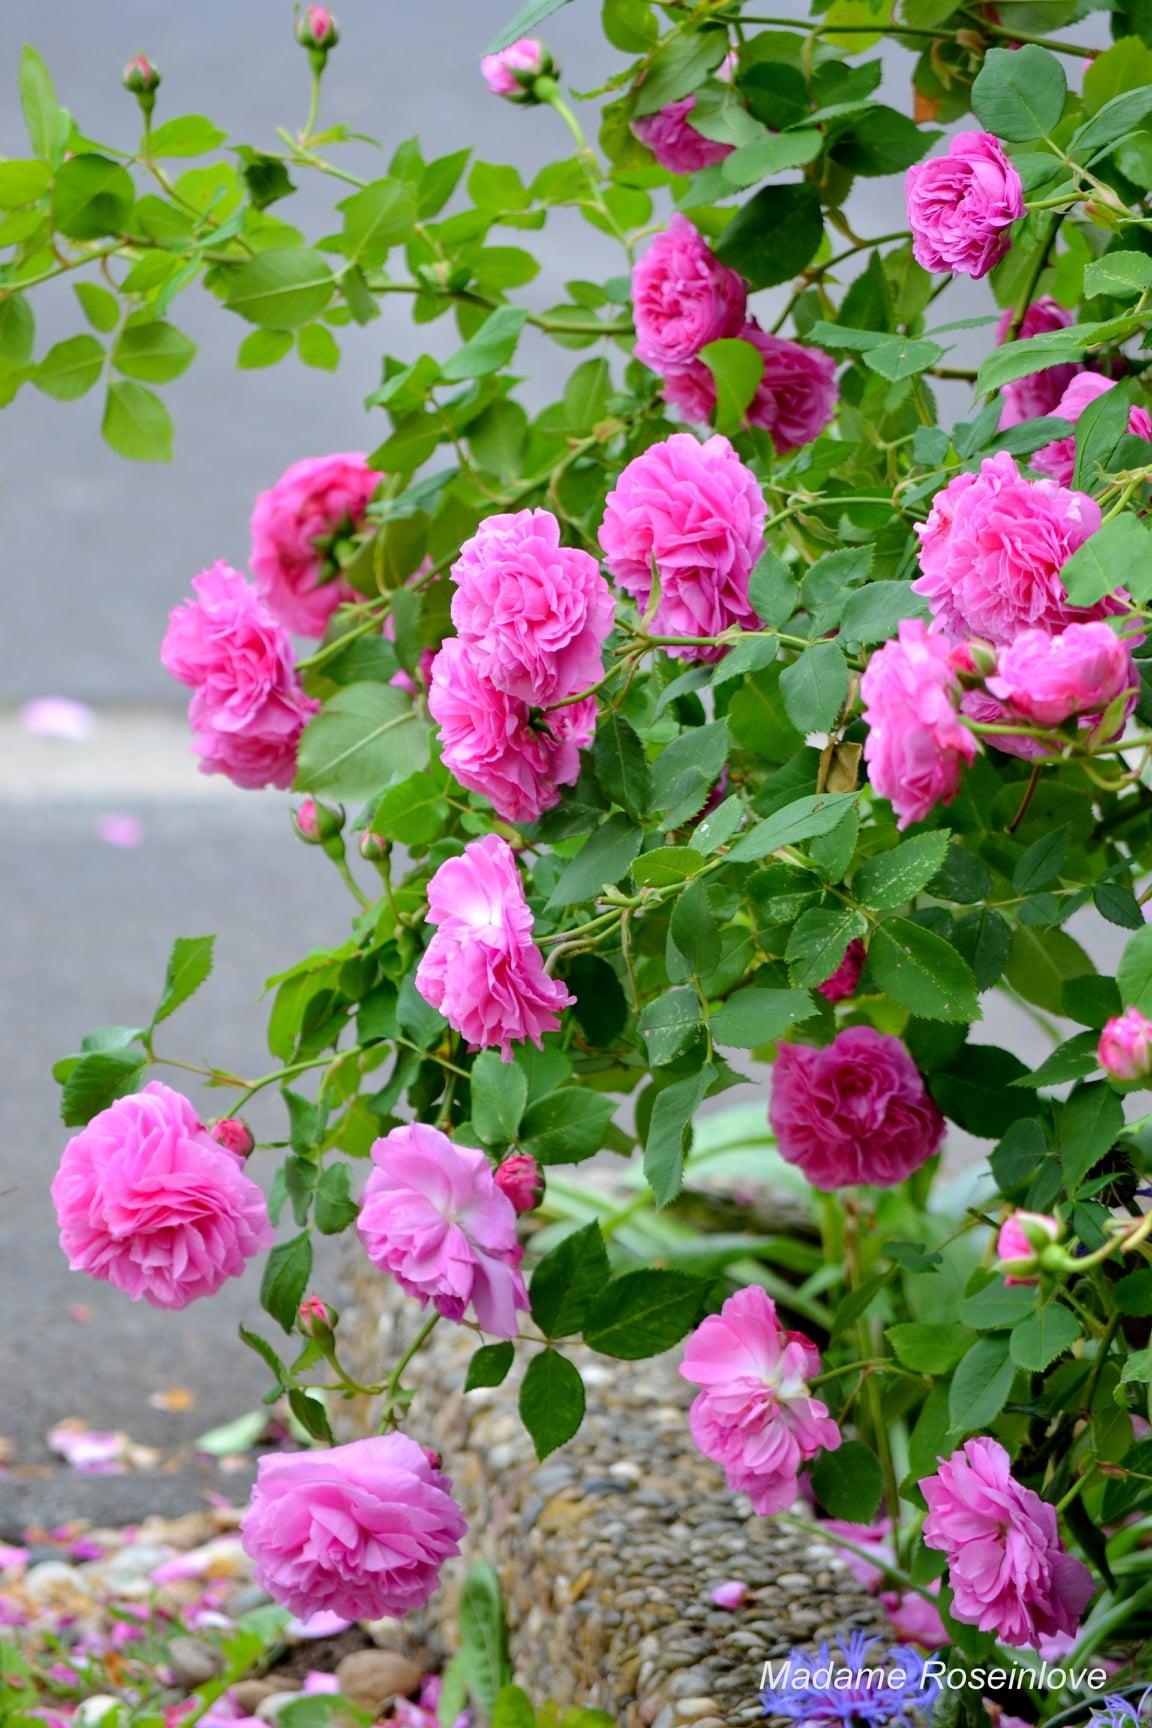 """""""Lạc lối"""" giữa vườn hồng đẹp như tranh vẽ của cô giáo người Việt tại Đức - Ảnh 7"""